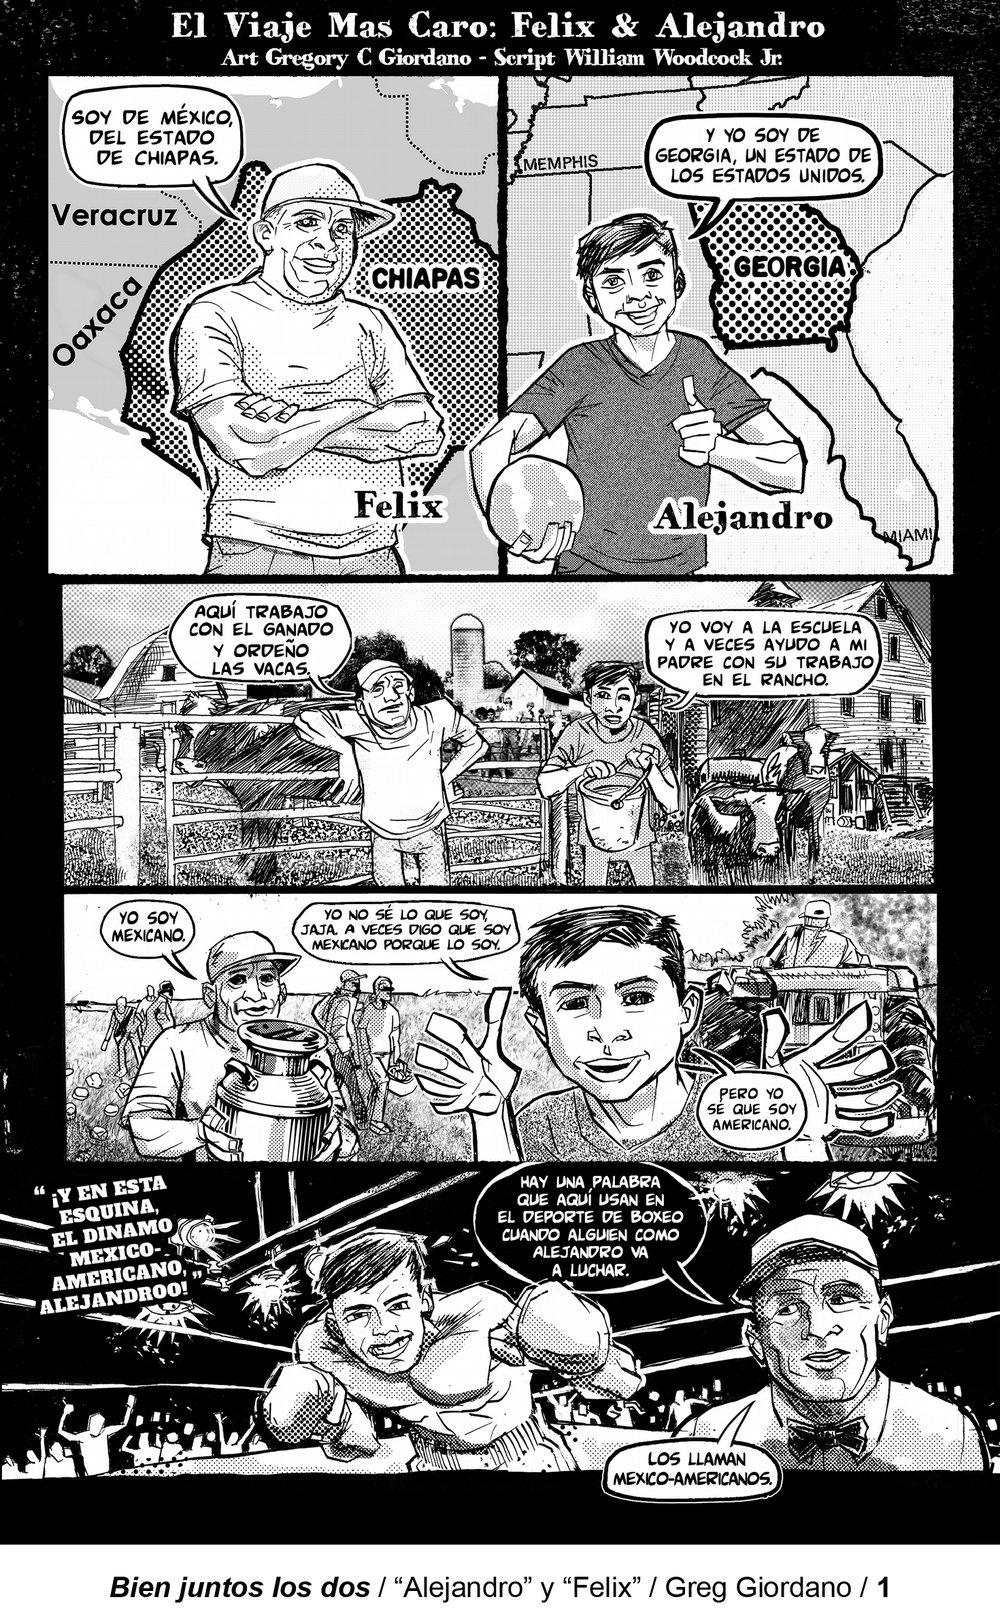 BOOKLET-Alejandro+Felix+Greg-171200-Digest_ESP 3.jpg